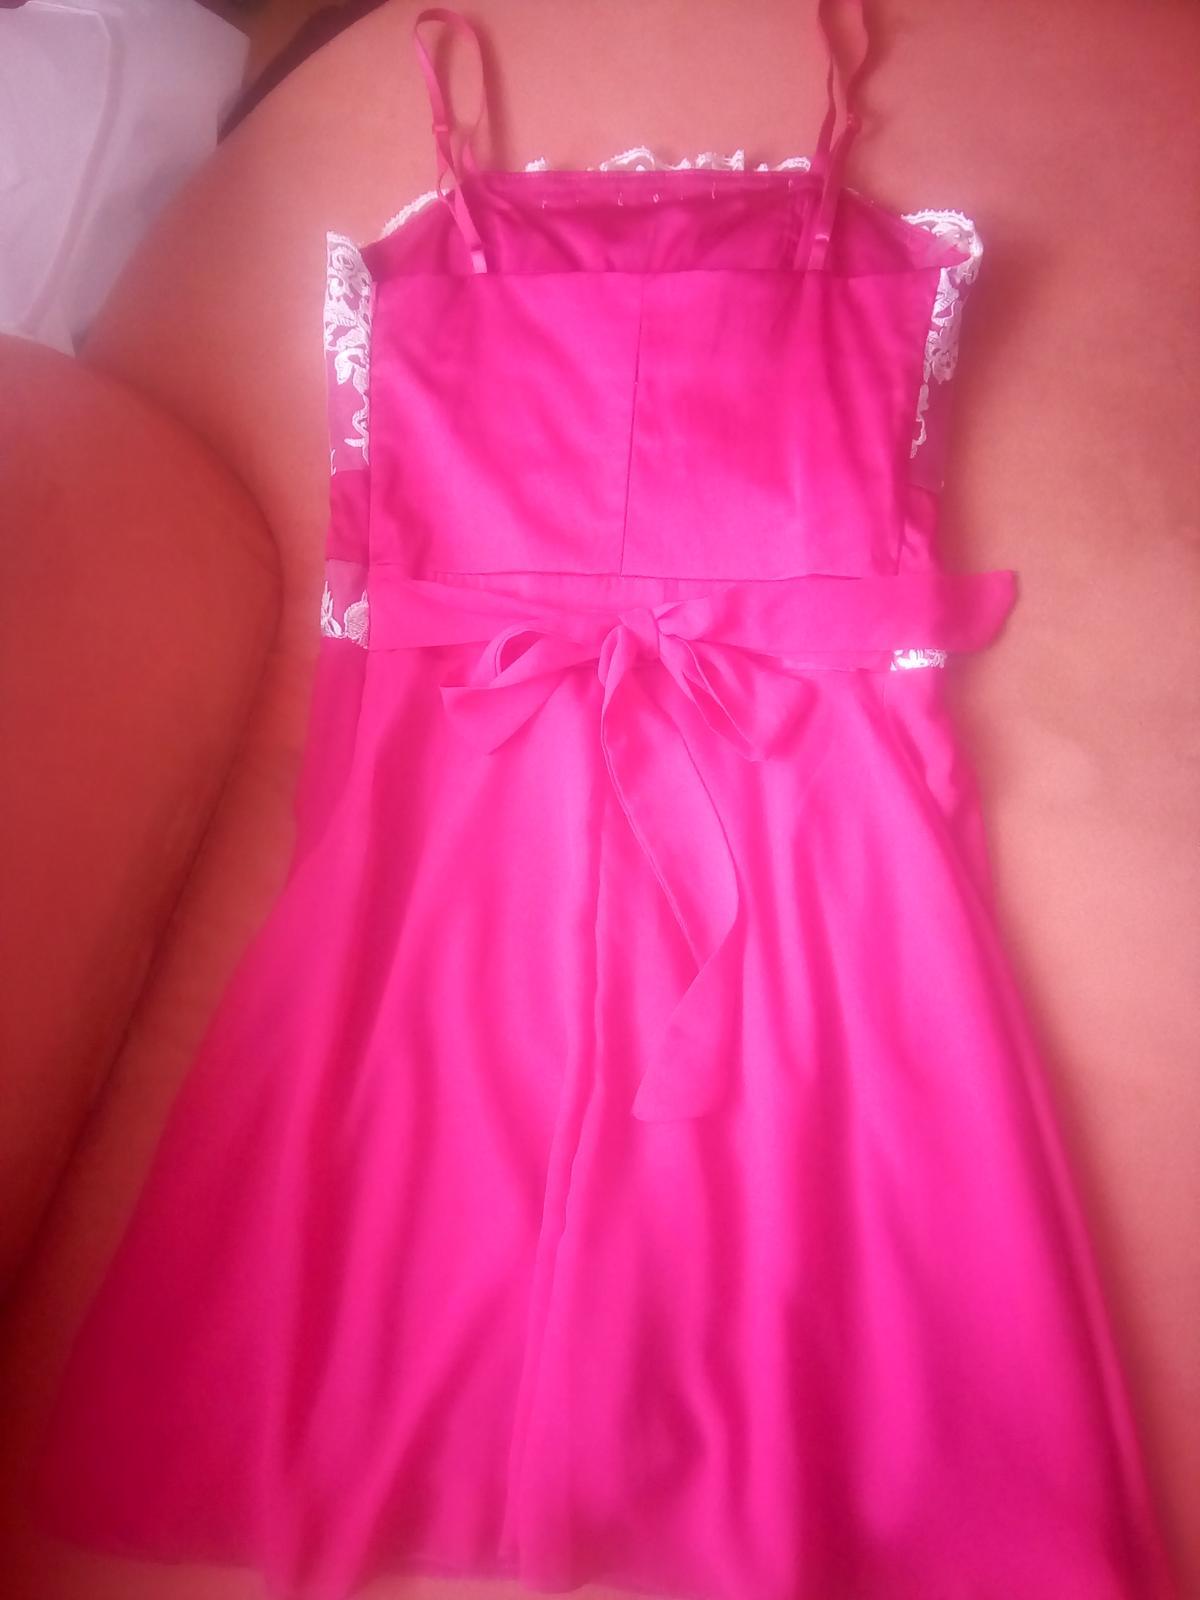 krátke šaty malinovej farby 34,36 - Obrázok č. 3